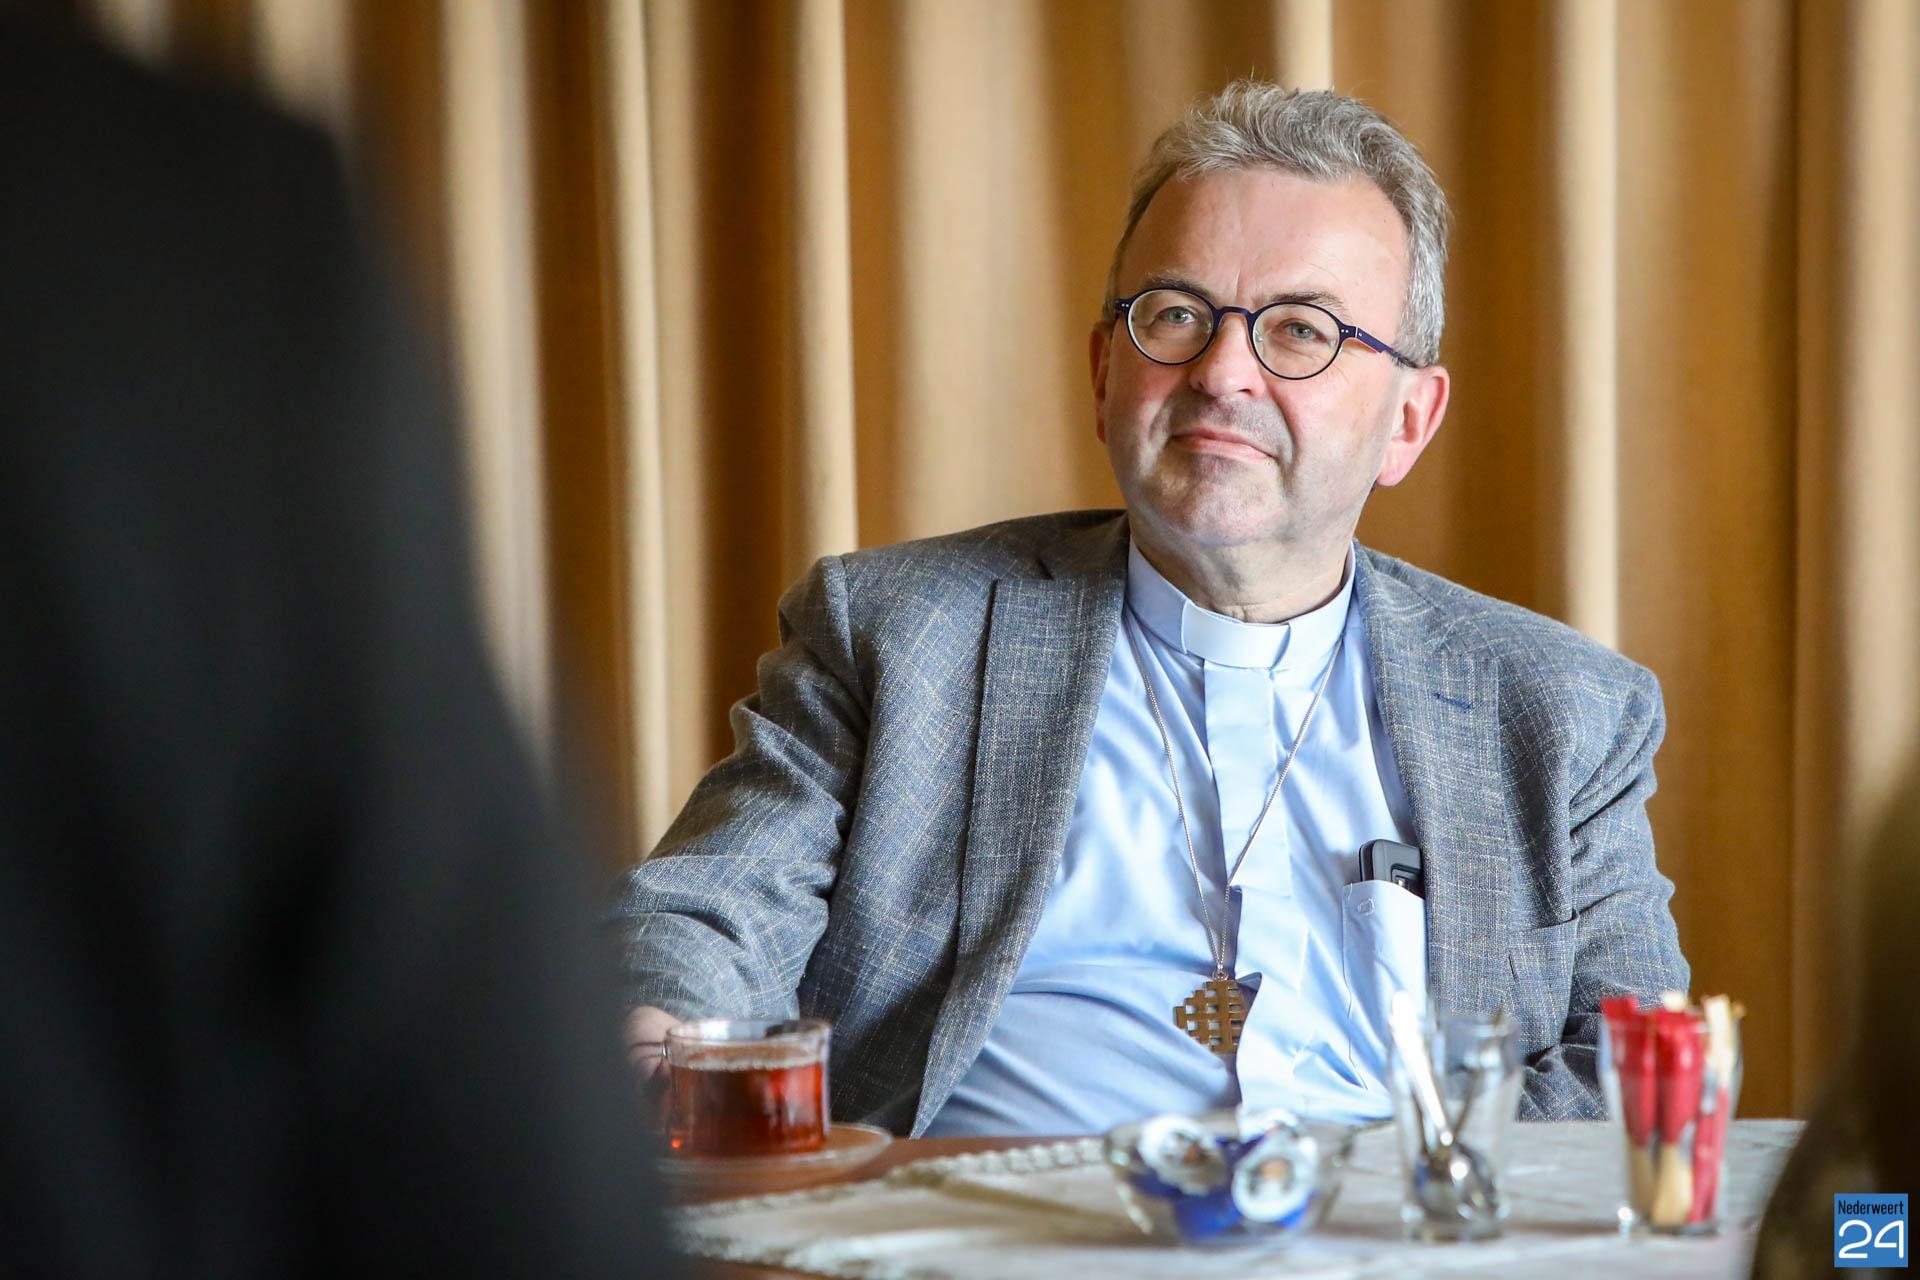 Bisschop mgr. Harrie Smeets brengt bezoek aan Leveroy - Nederweert24 - Nederweert24